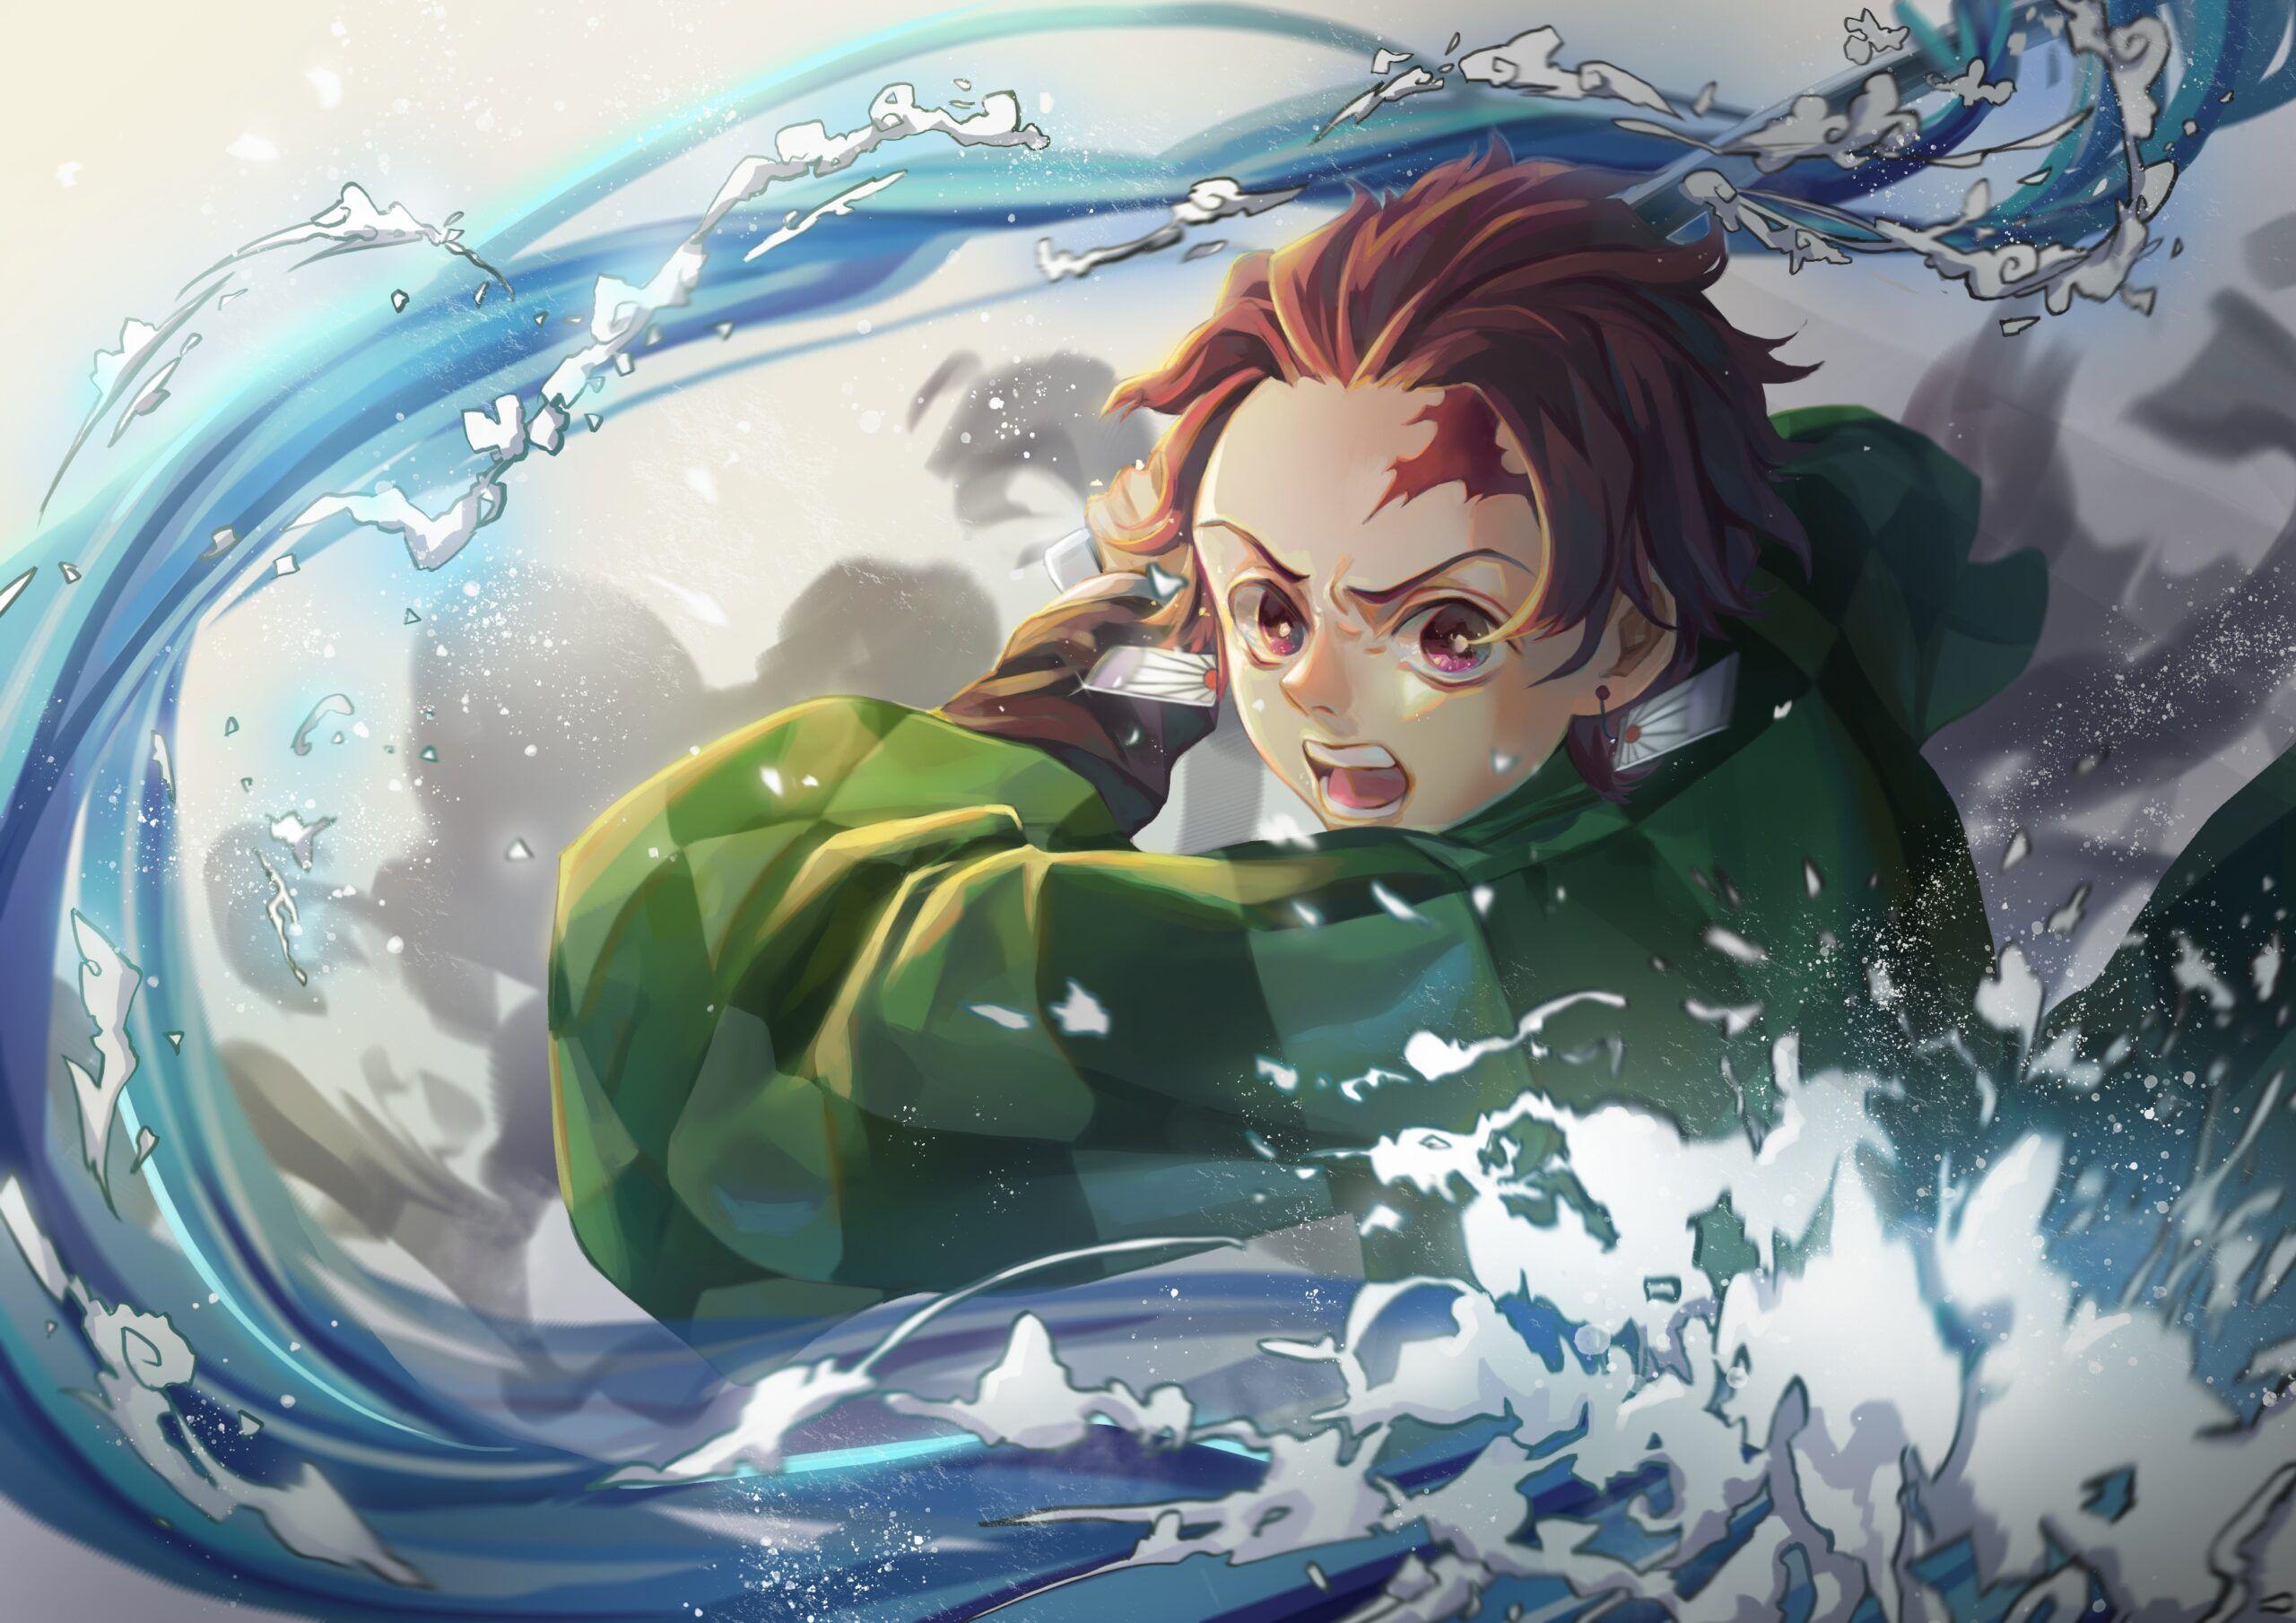 Kimetsu No Yaiba Wallpaper Animated Anime Anime Wallpaper Anime Hd